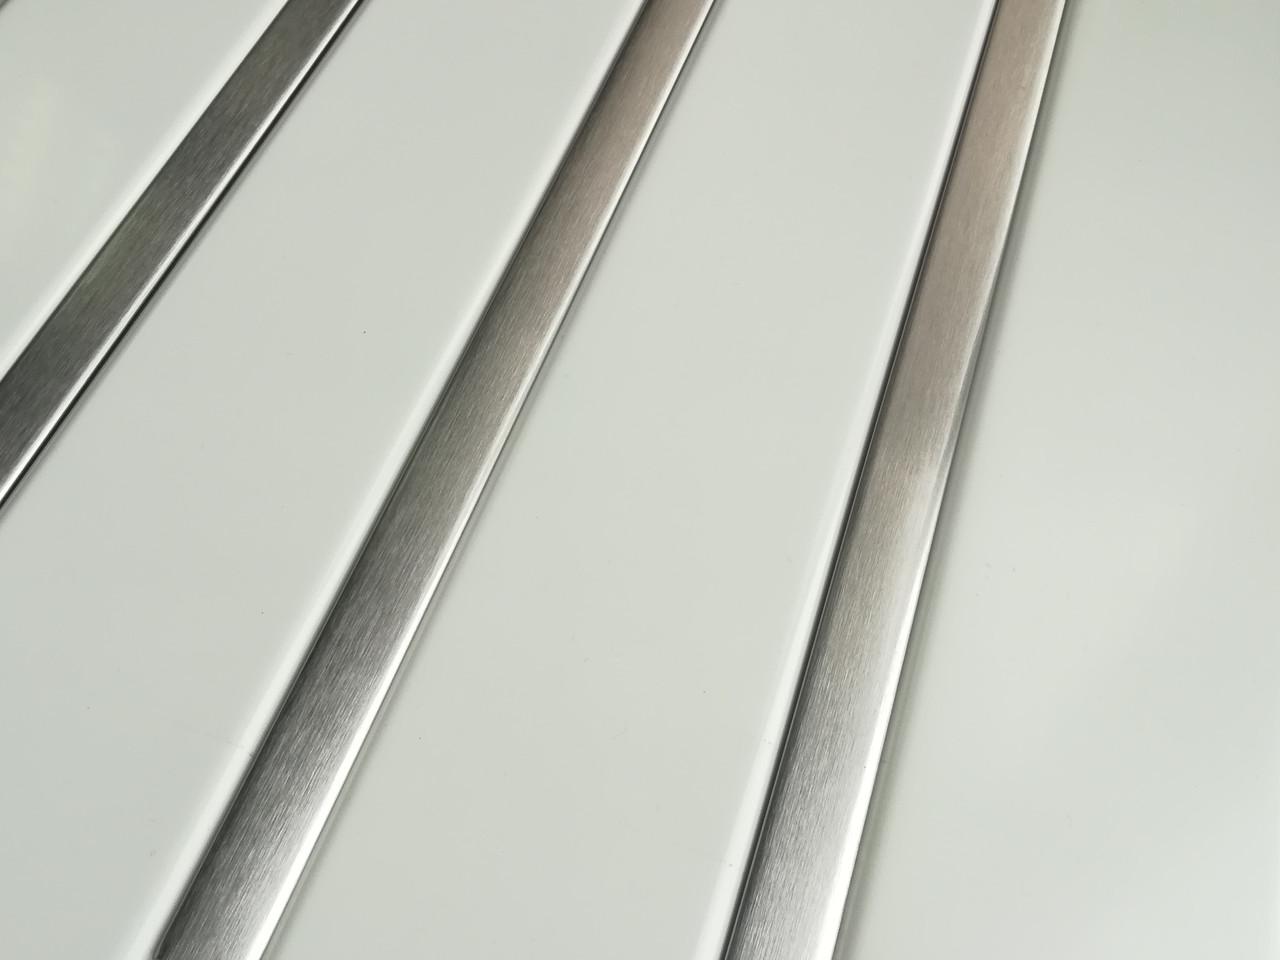 Реечный алюминиевый потолок Allux белый матовый - нержавейка сатин комплект 200 см х 350 см